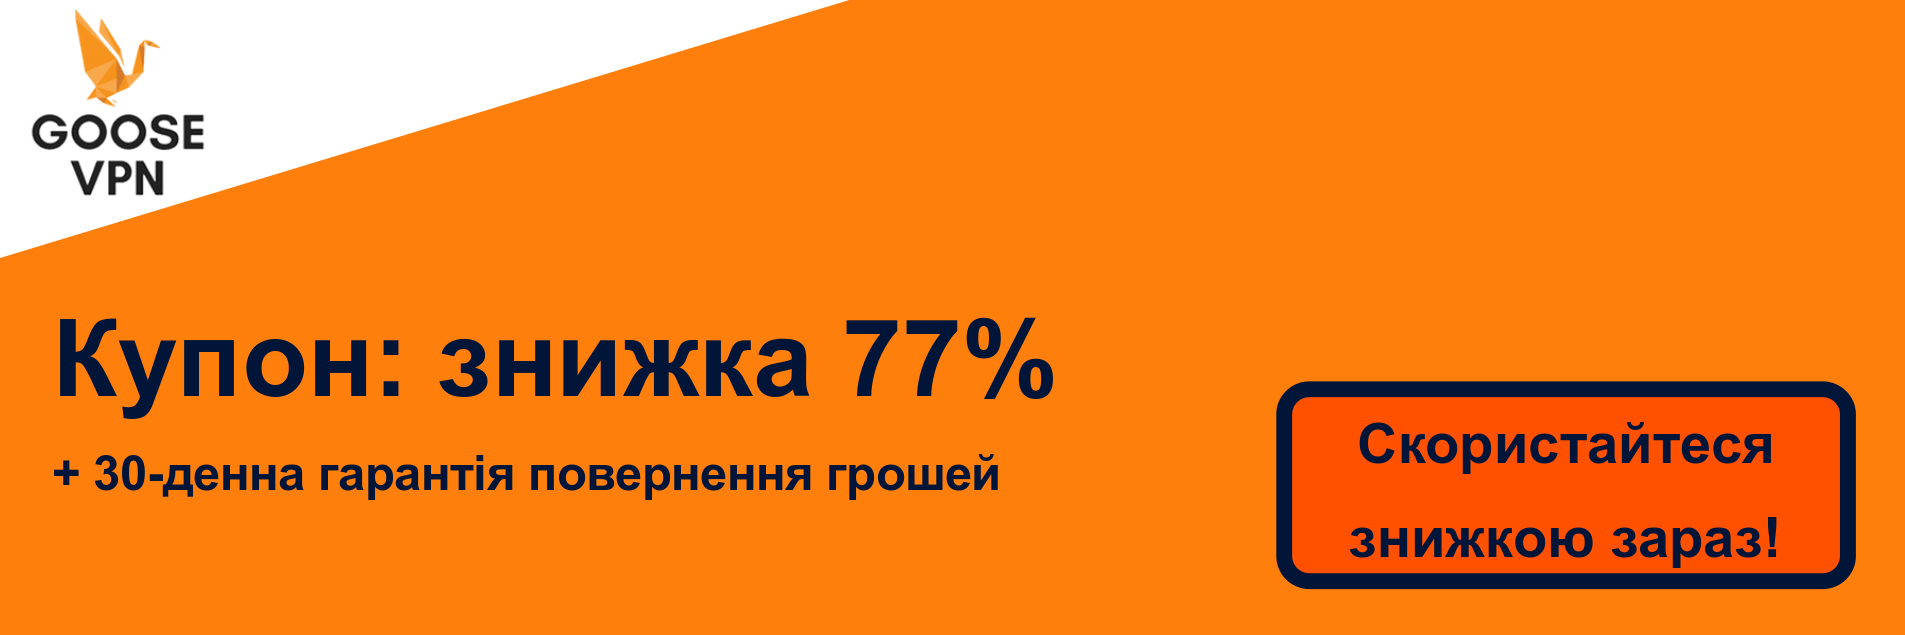 Банер купона GooseVPN - знижка 77%